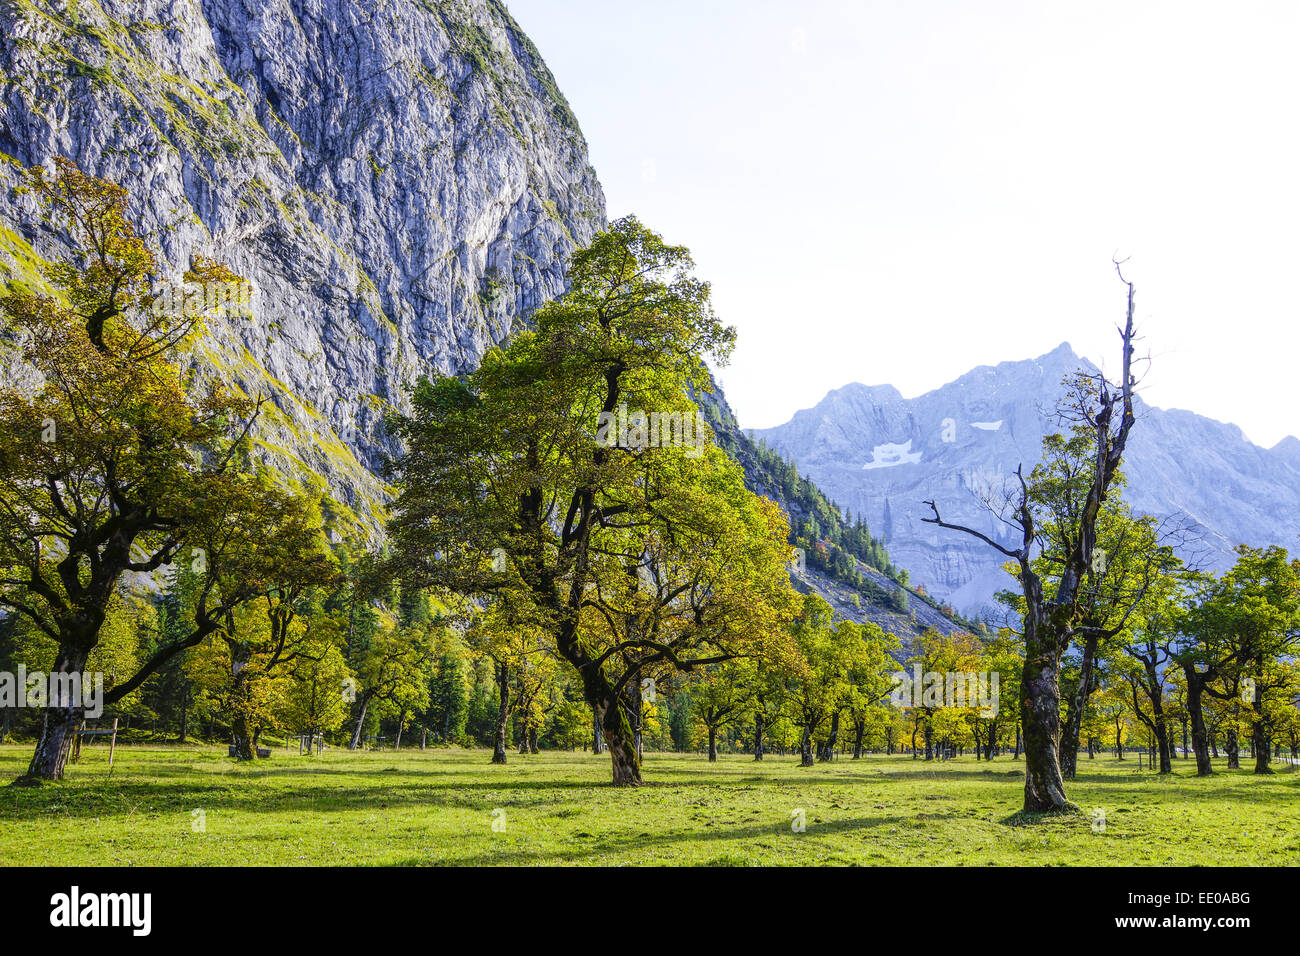 Grosser Ahornboden, Karwendelgebirge, Tirol, Österreich, Europa, Karwendel Mountains, Austria, Europe, , Tyrol, - Stock Image